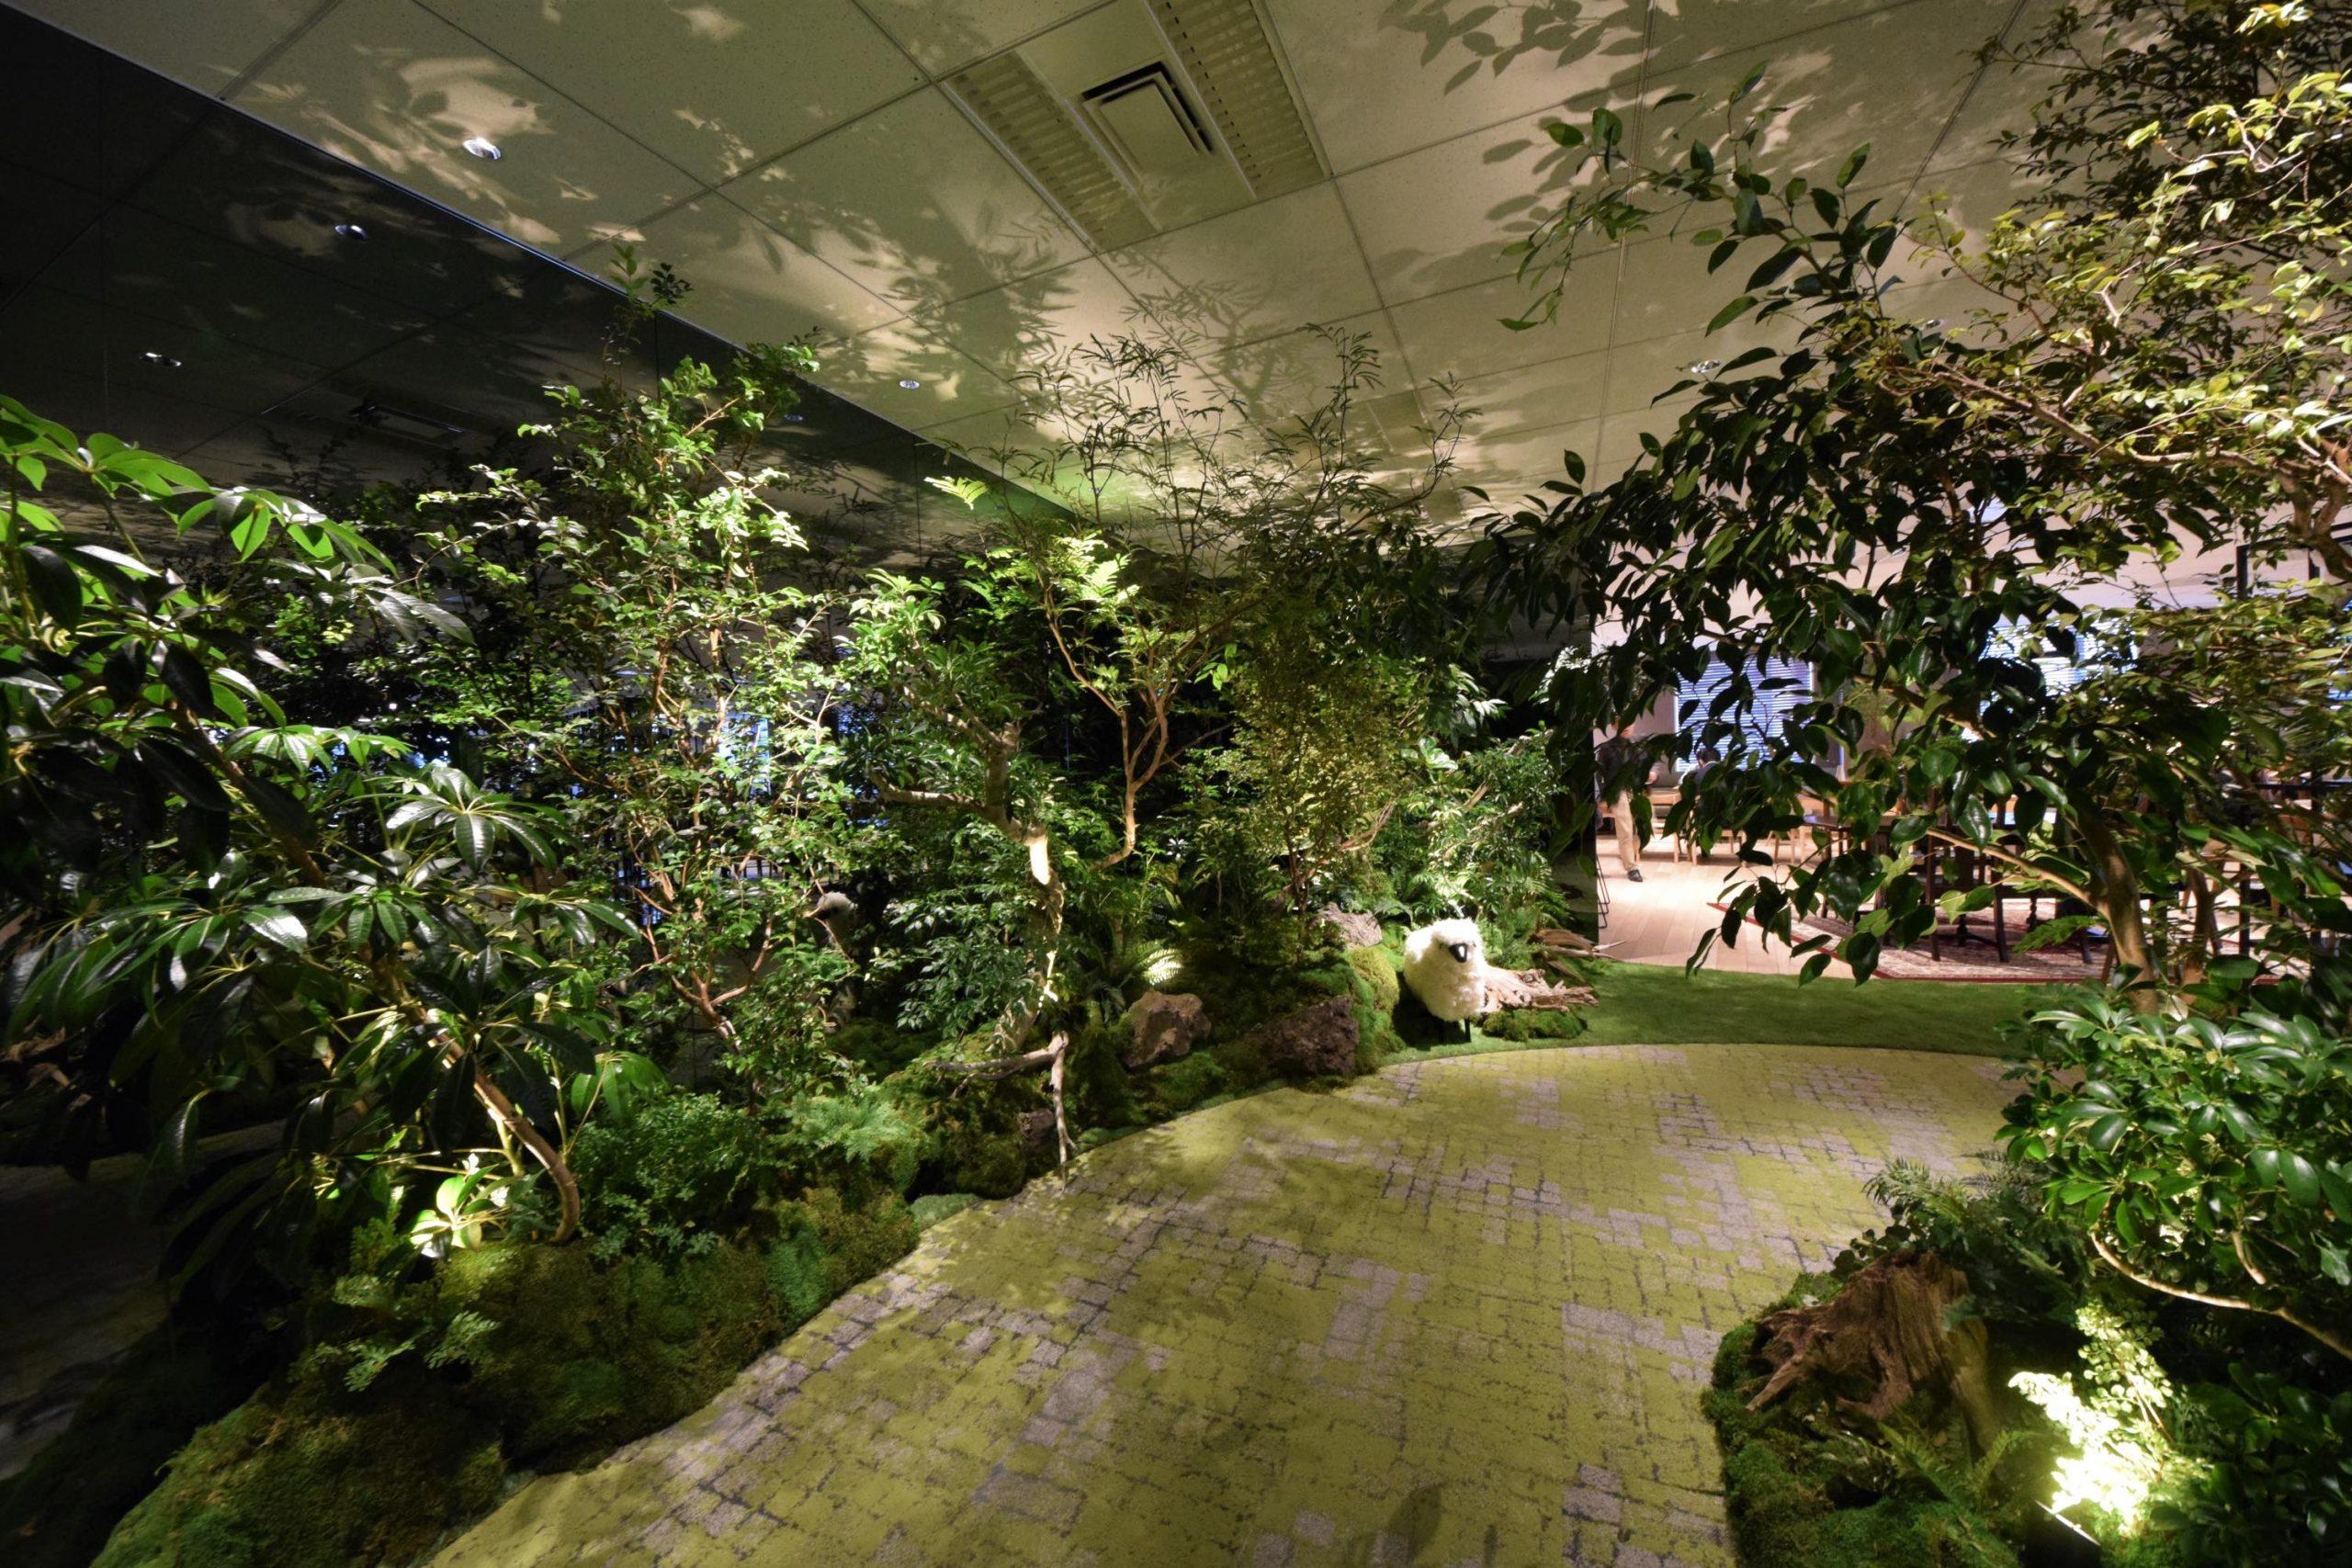 株式会社ヴィス〜自然と共存するバイオフィリックデザインオフィス